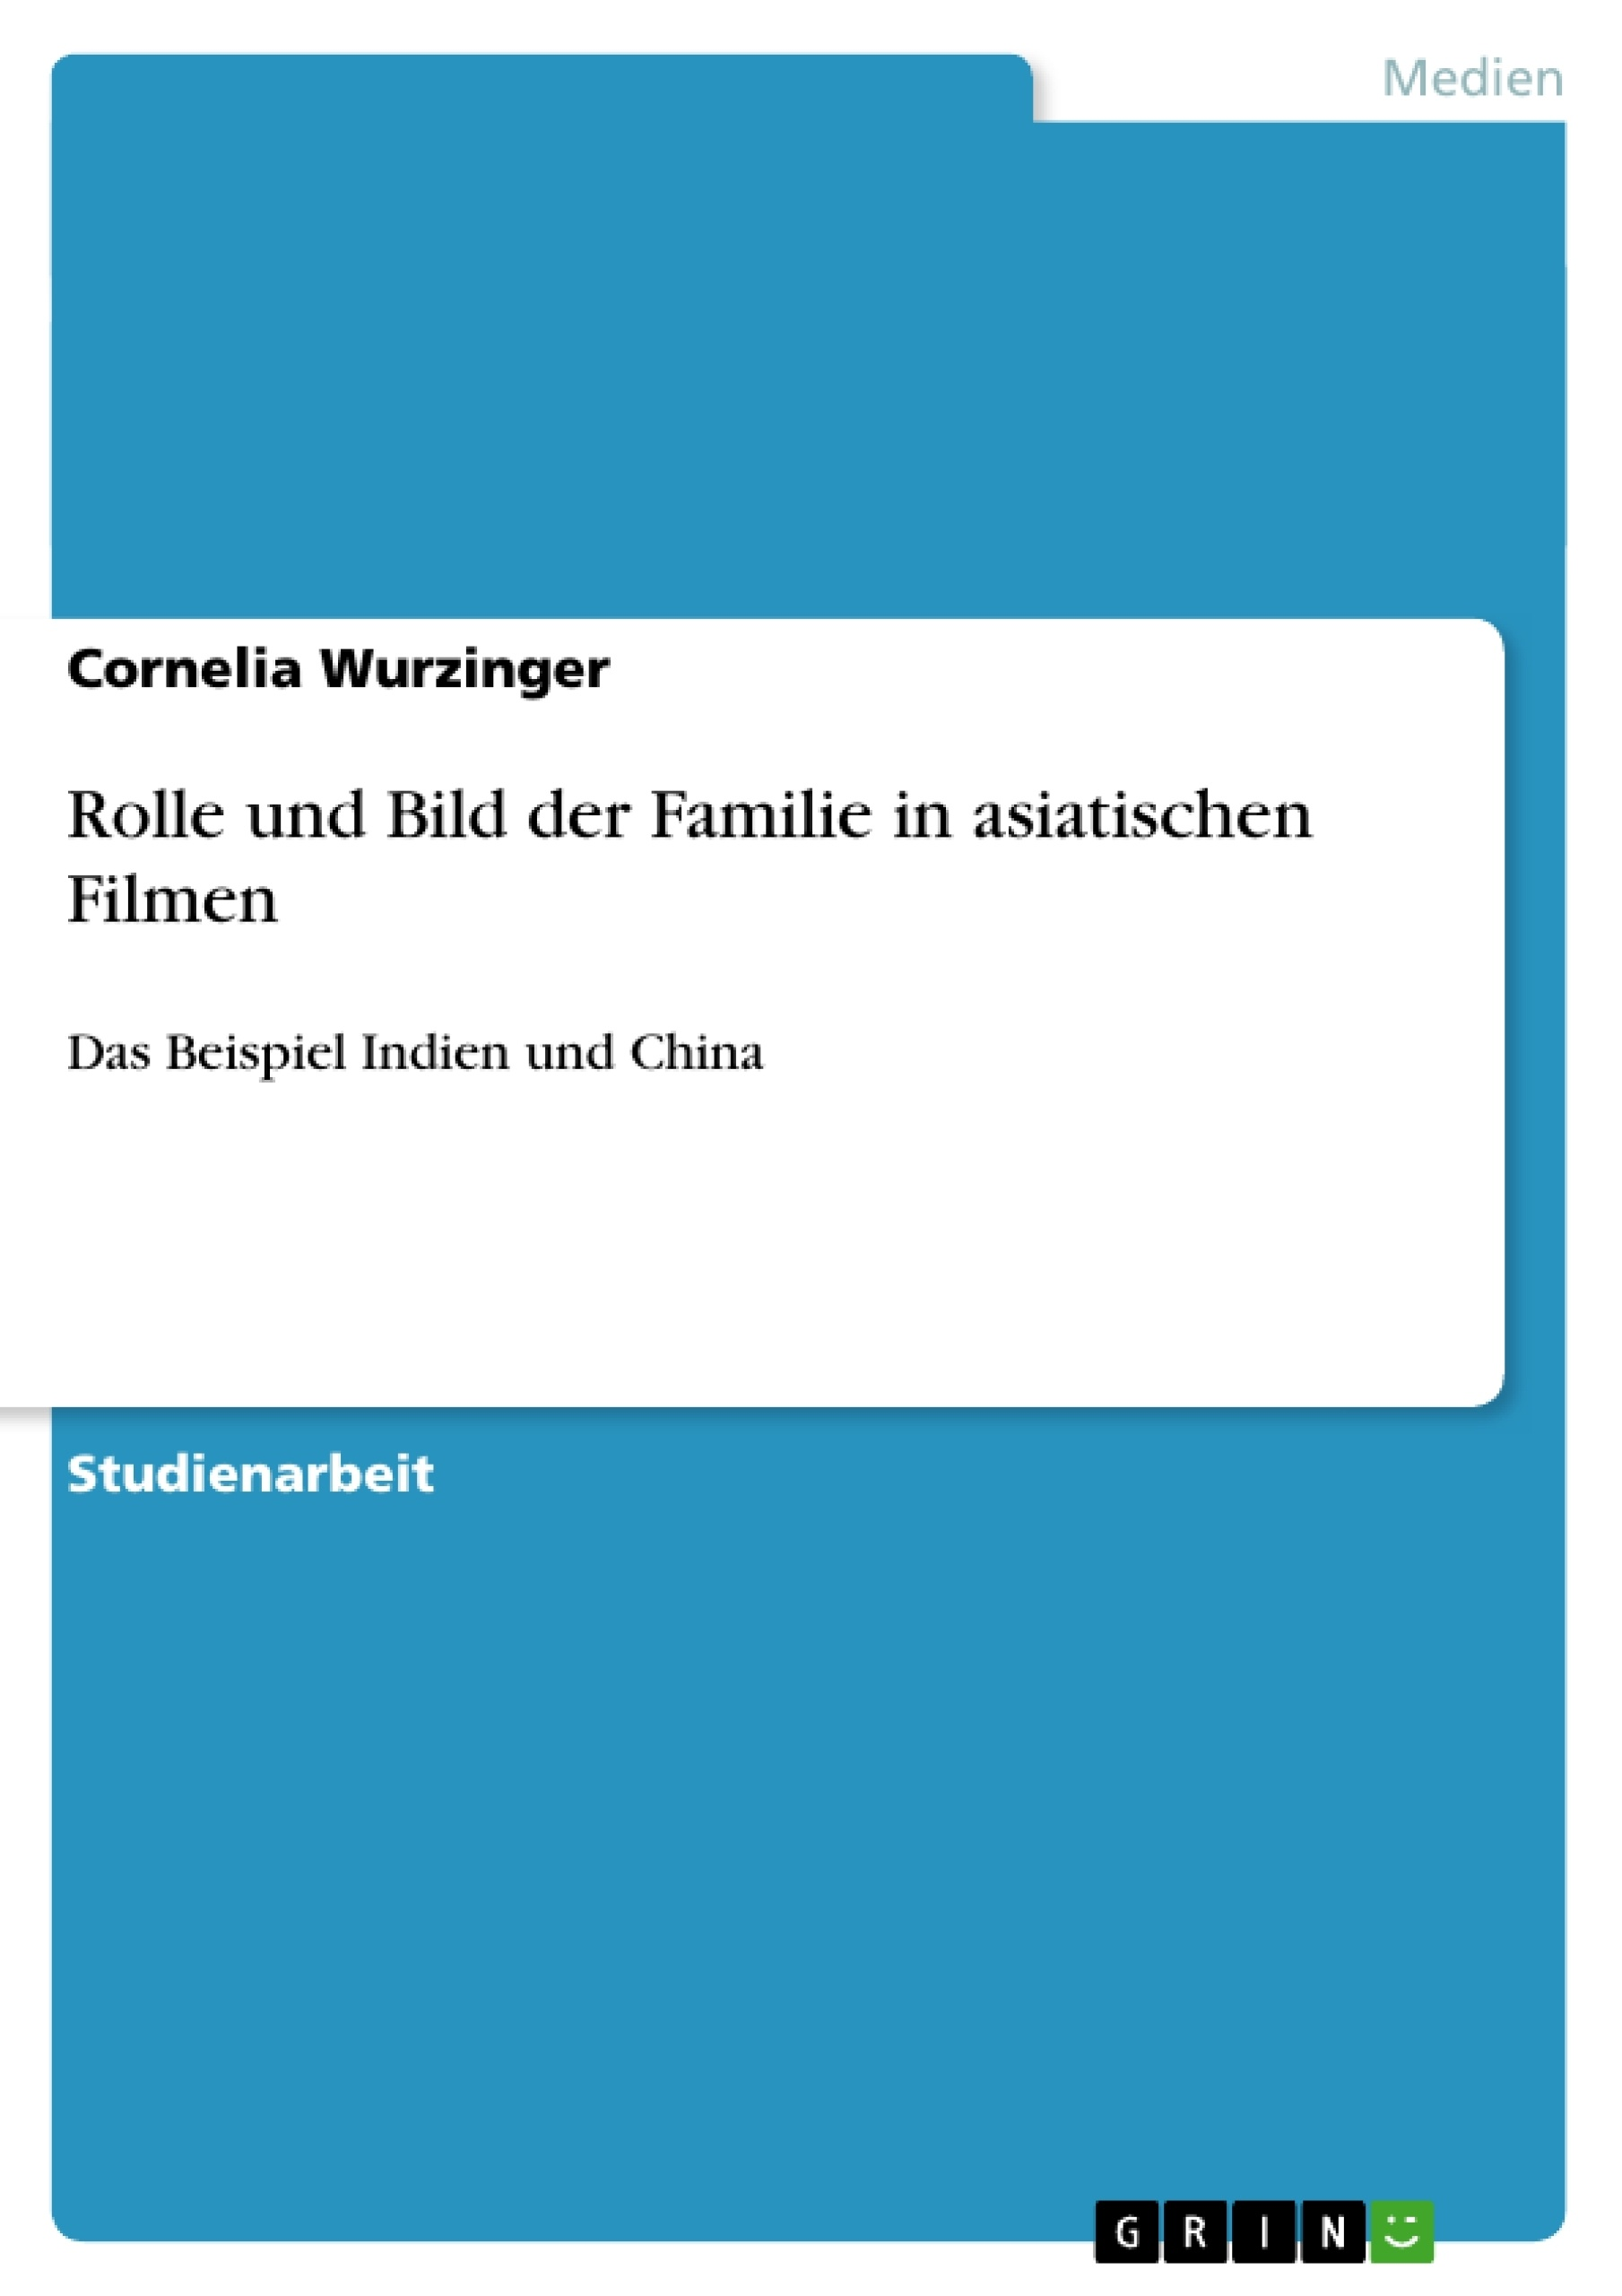 Titel: Rolle und Bild der Familie in asiatischen Filmen